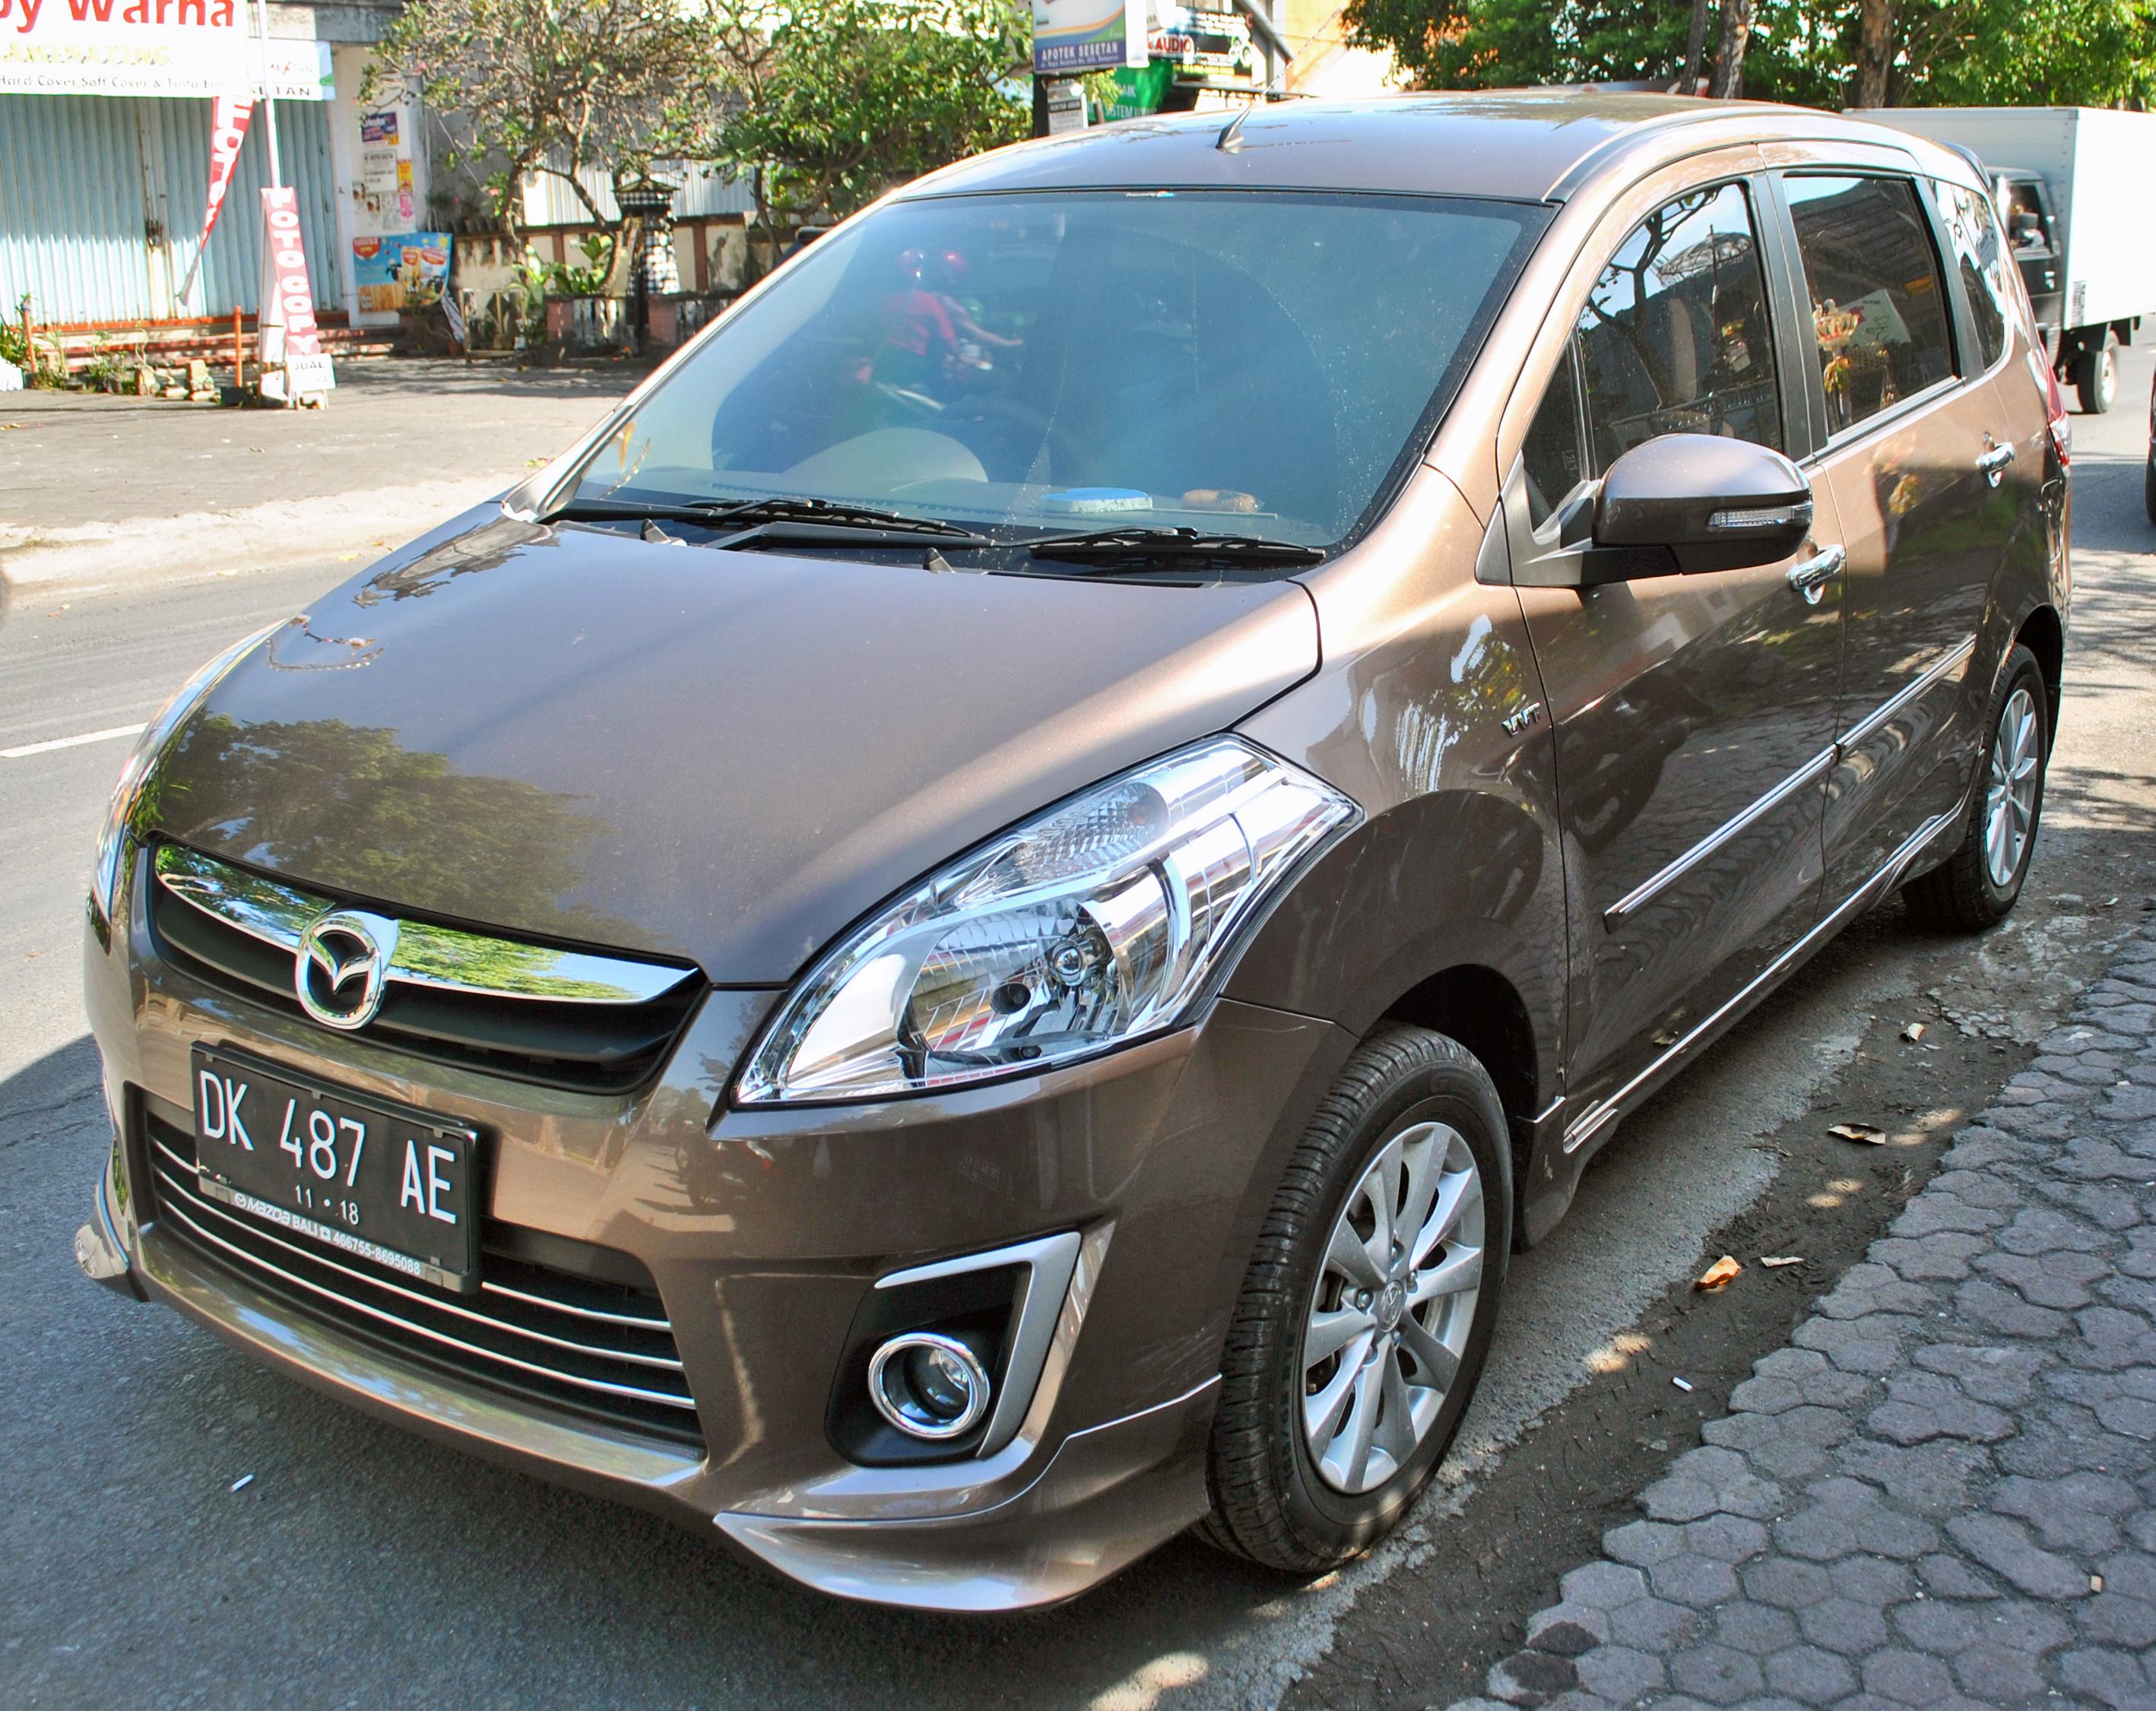 File:Mazda VX-1, Denpasar.jpg - Wikimedia Commons